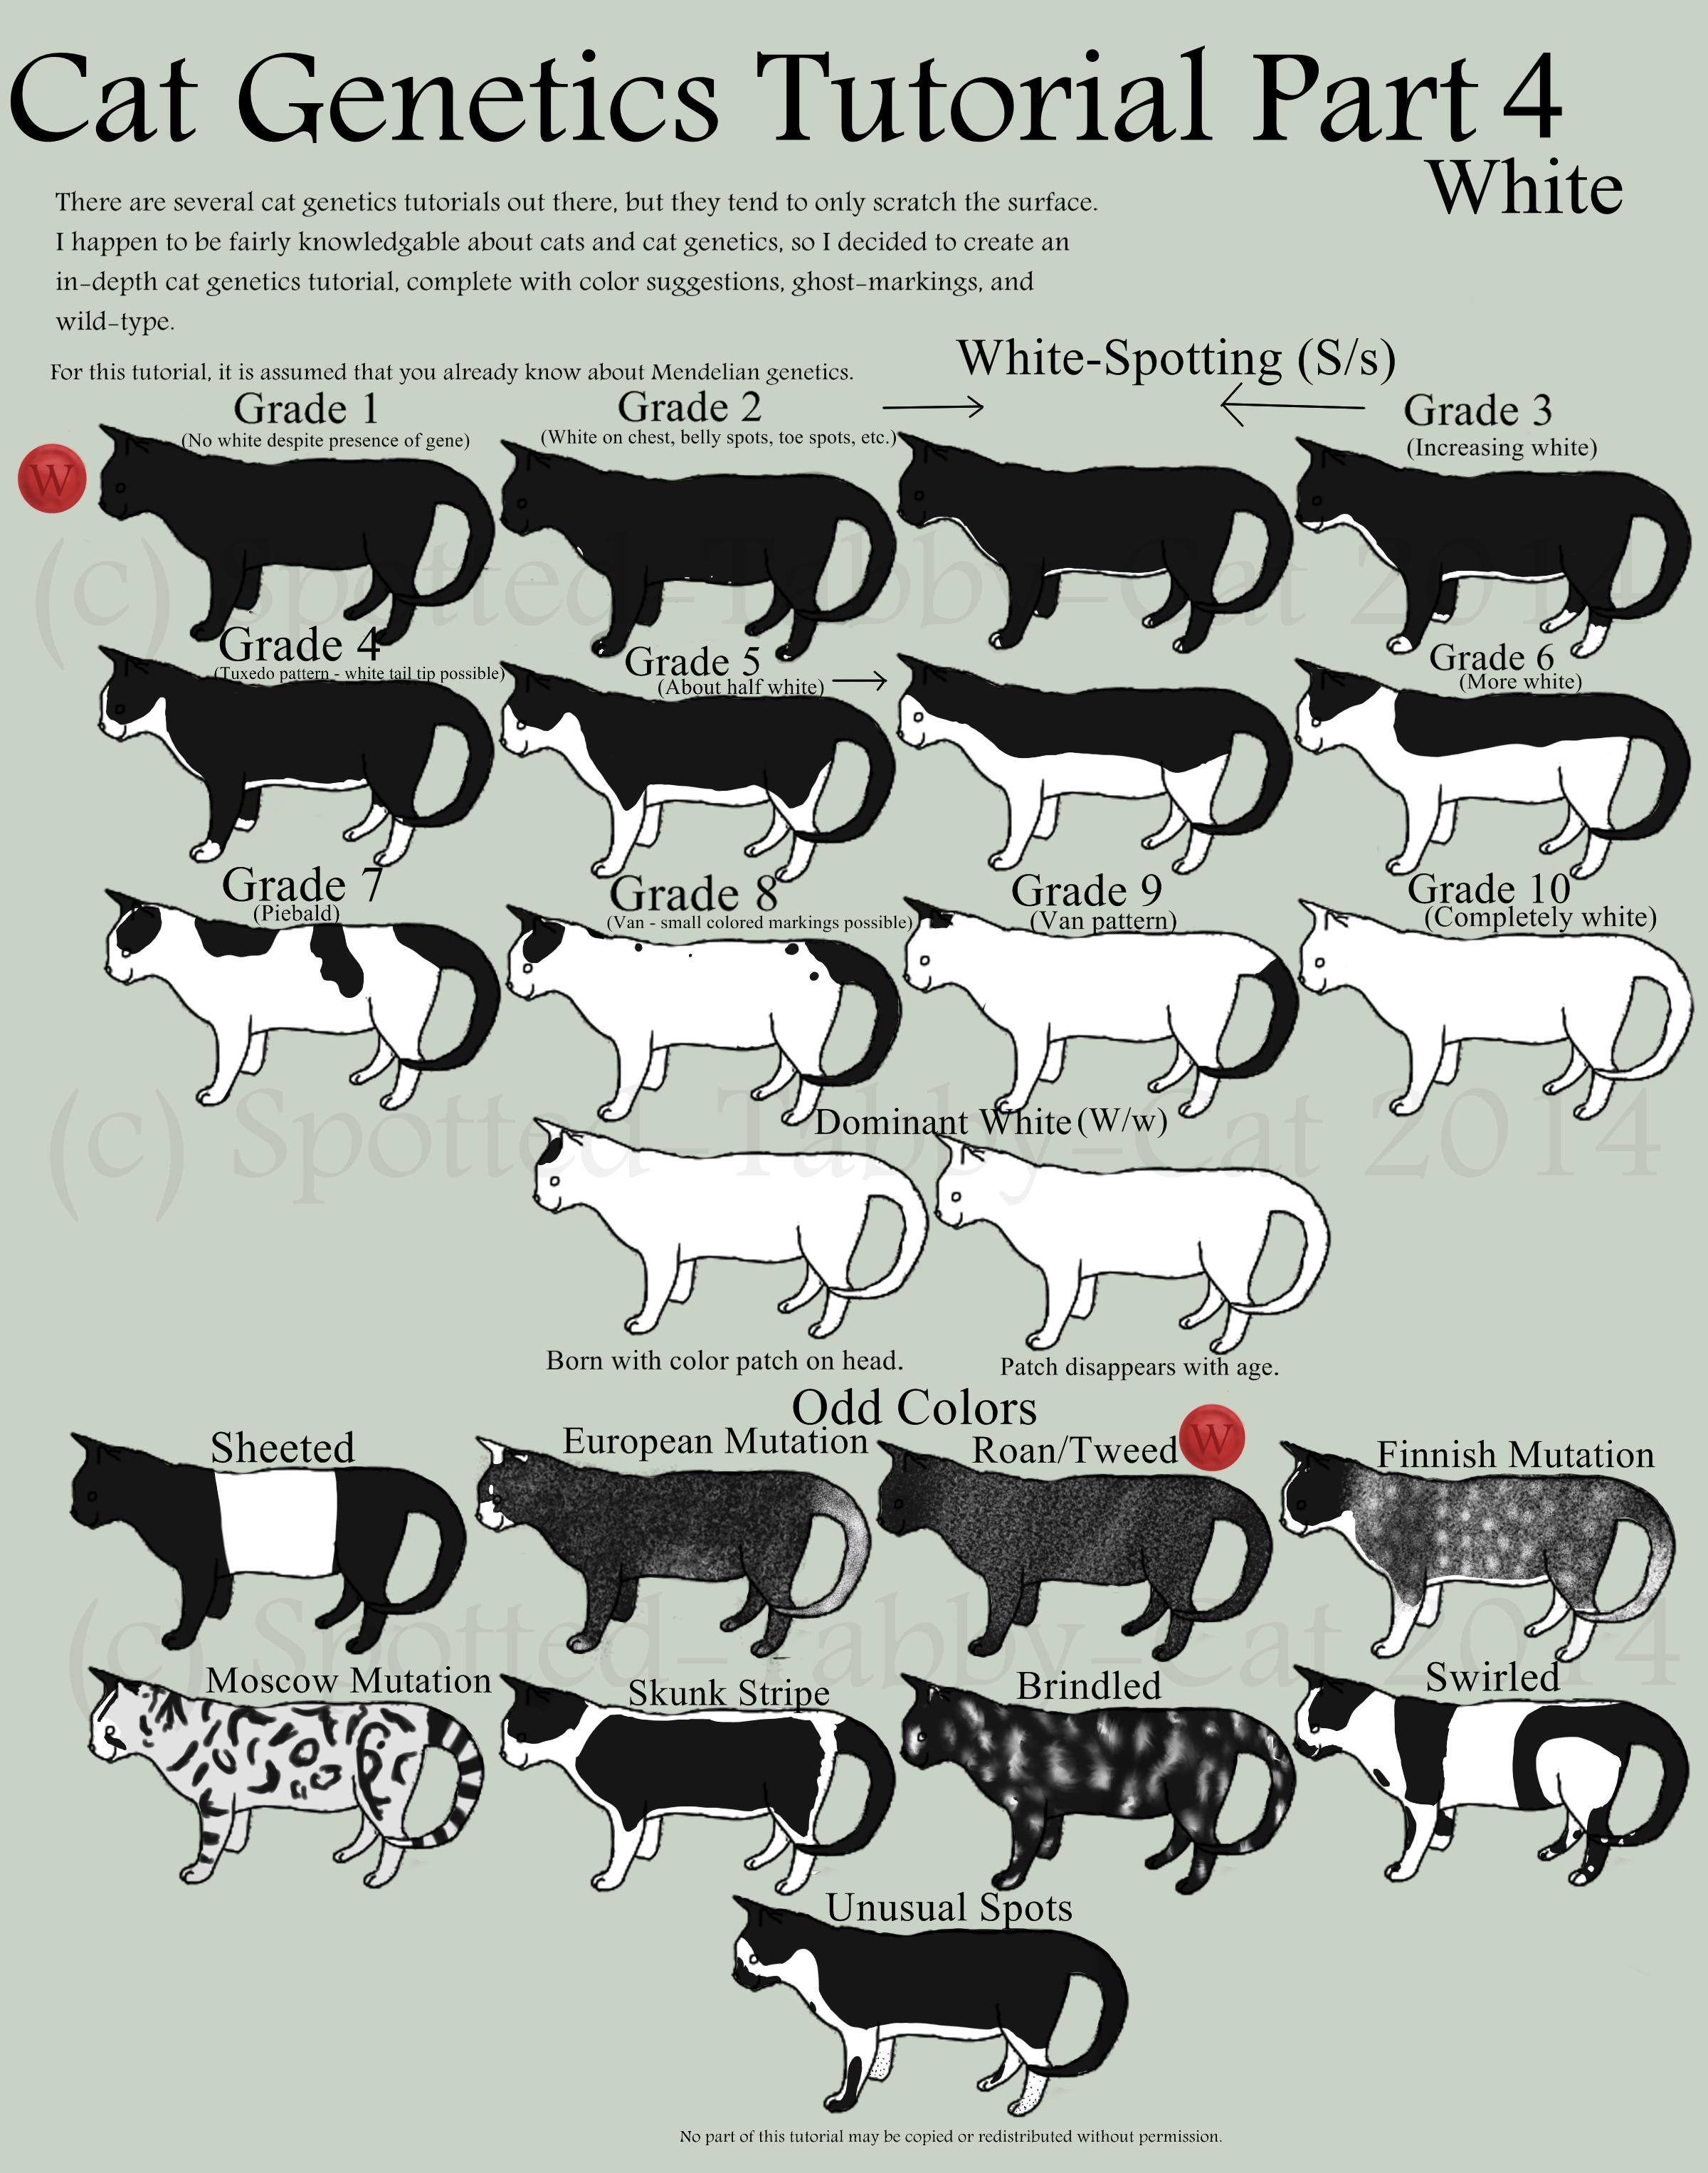 medium resolution of cat genetics tutorial part 4 white by spotted tabby cat deviantart com on deviantart